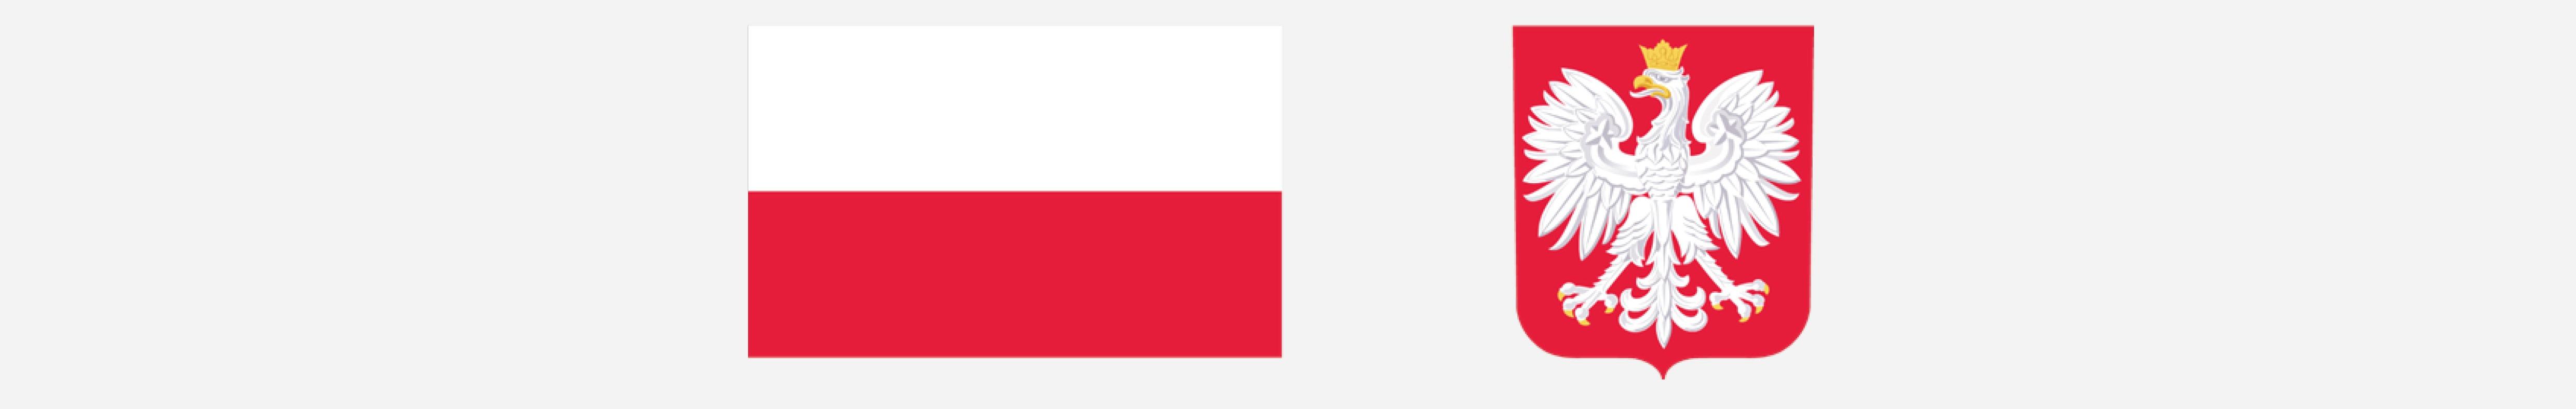 Godło i herb Polski.